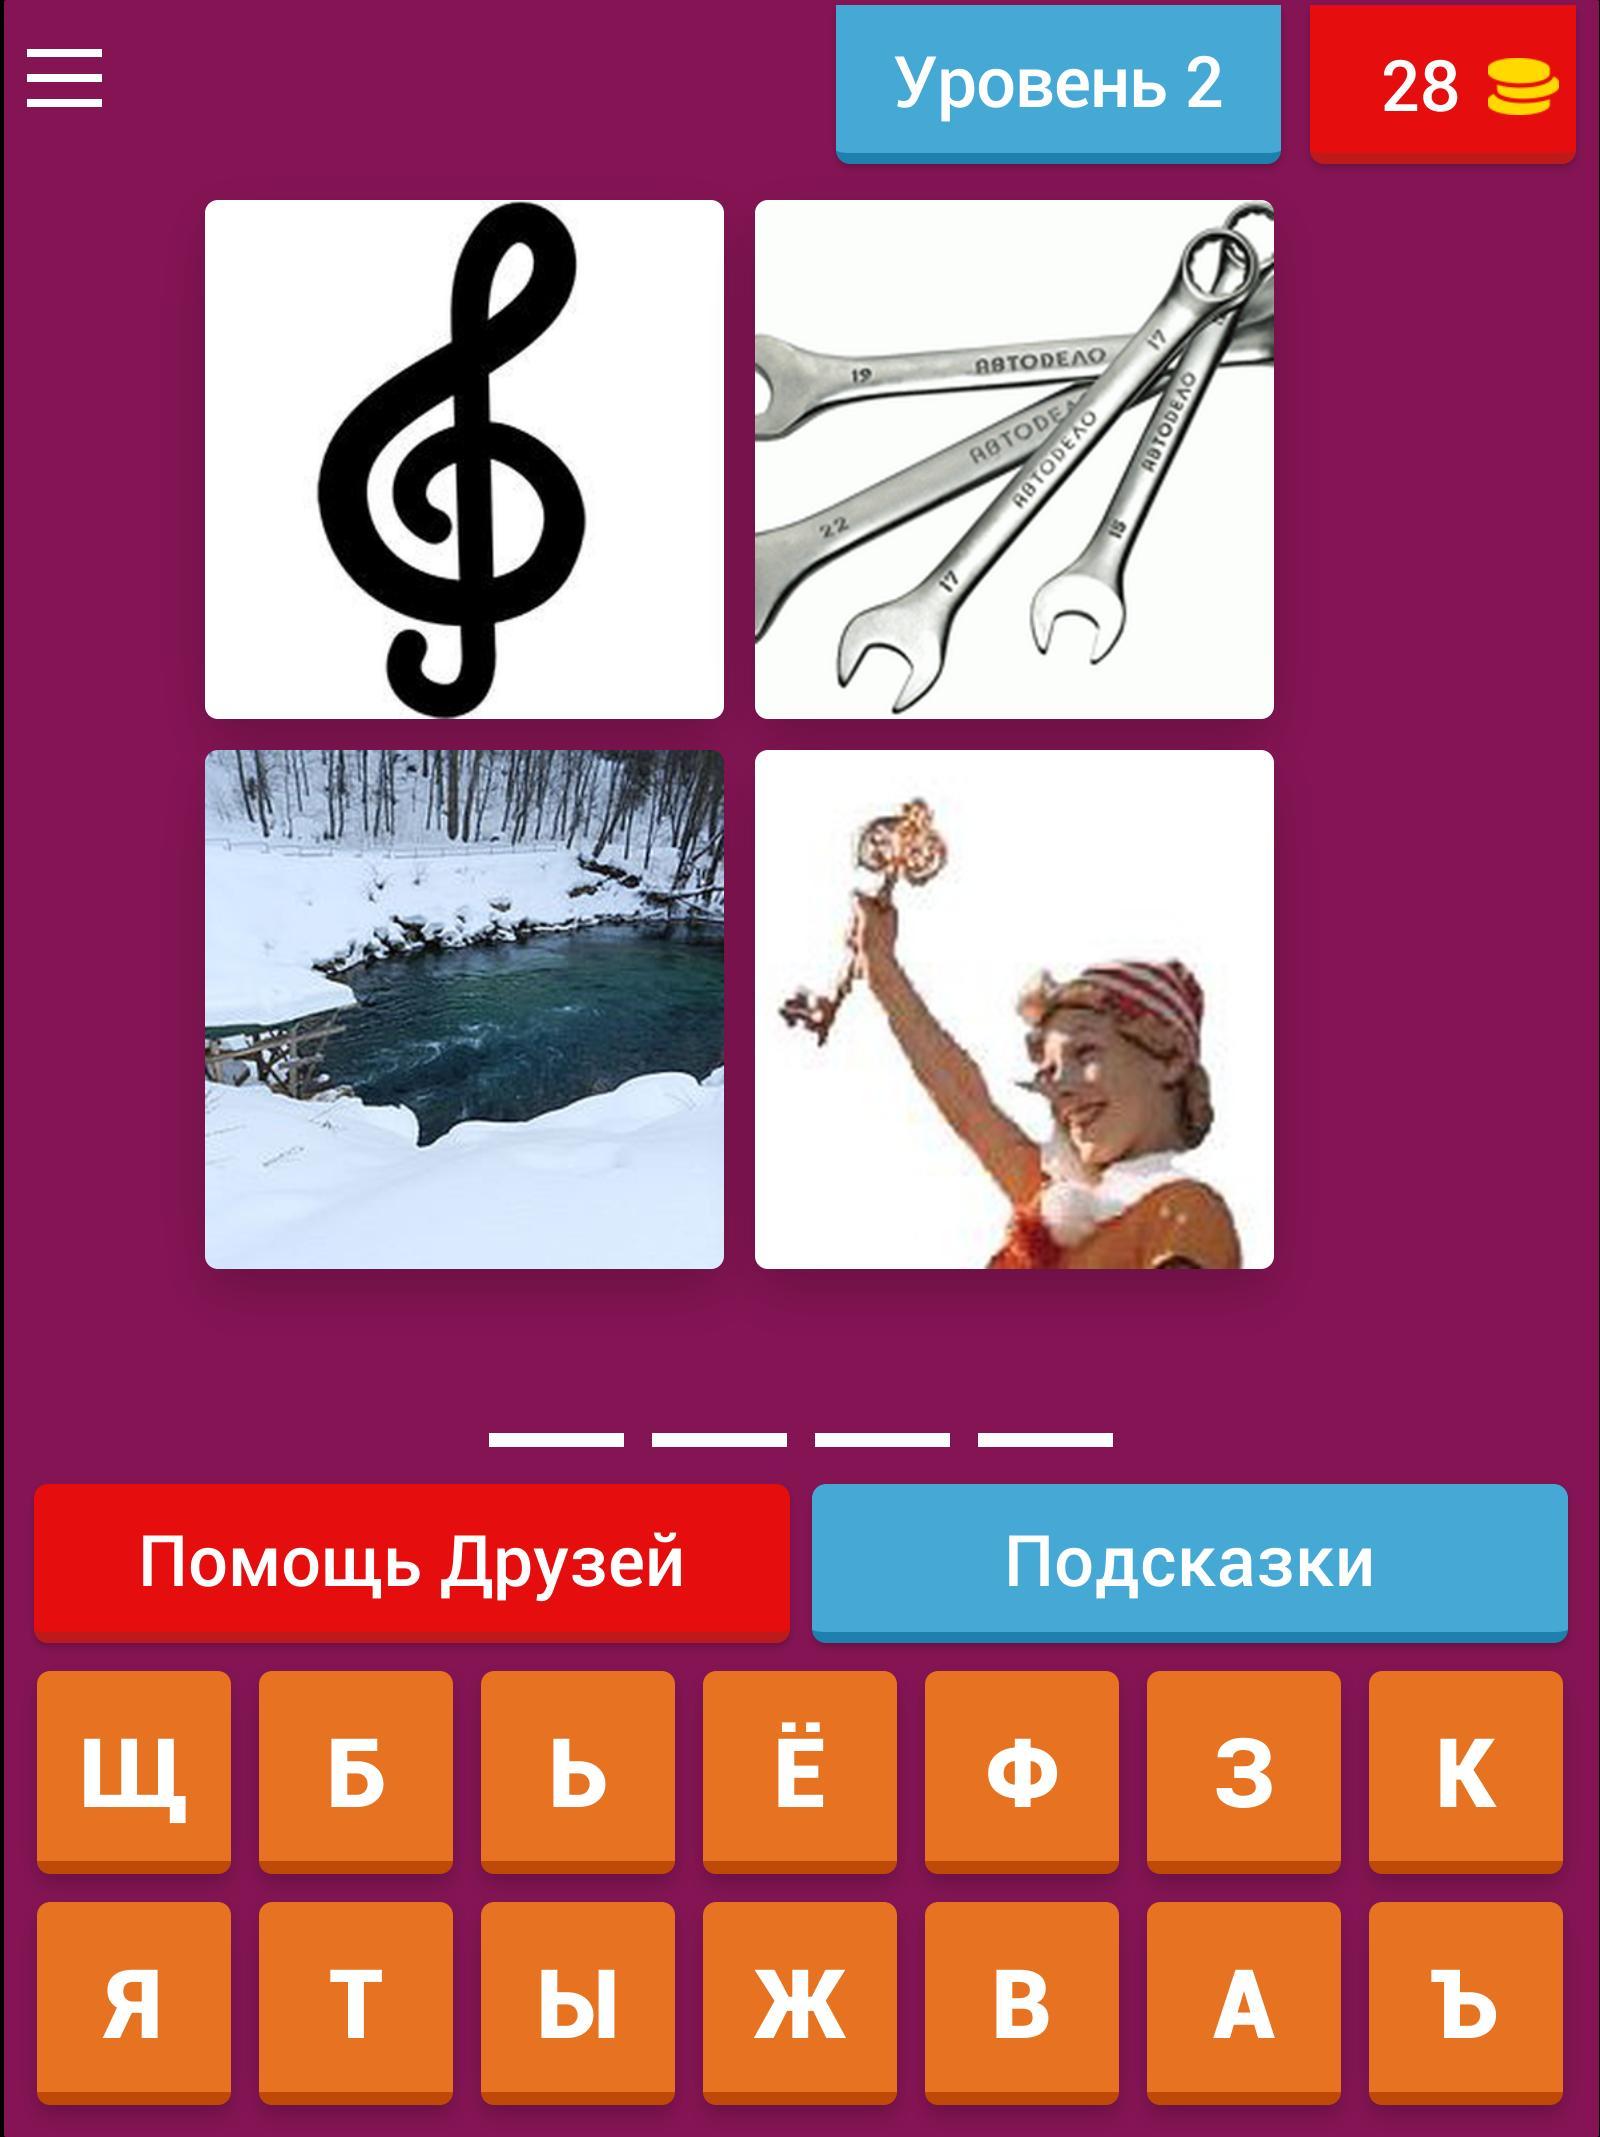 миди ответы угадай слово по четырем картинками каждой